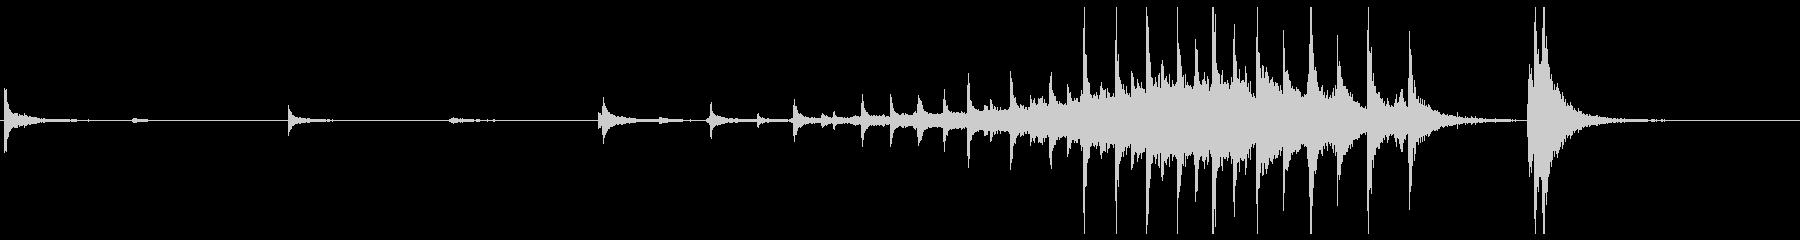 拍子木や鈴などのオープニングに最適な音源の未再生の波形